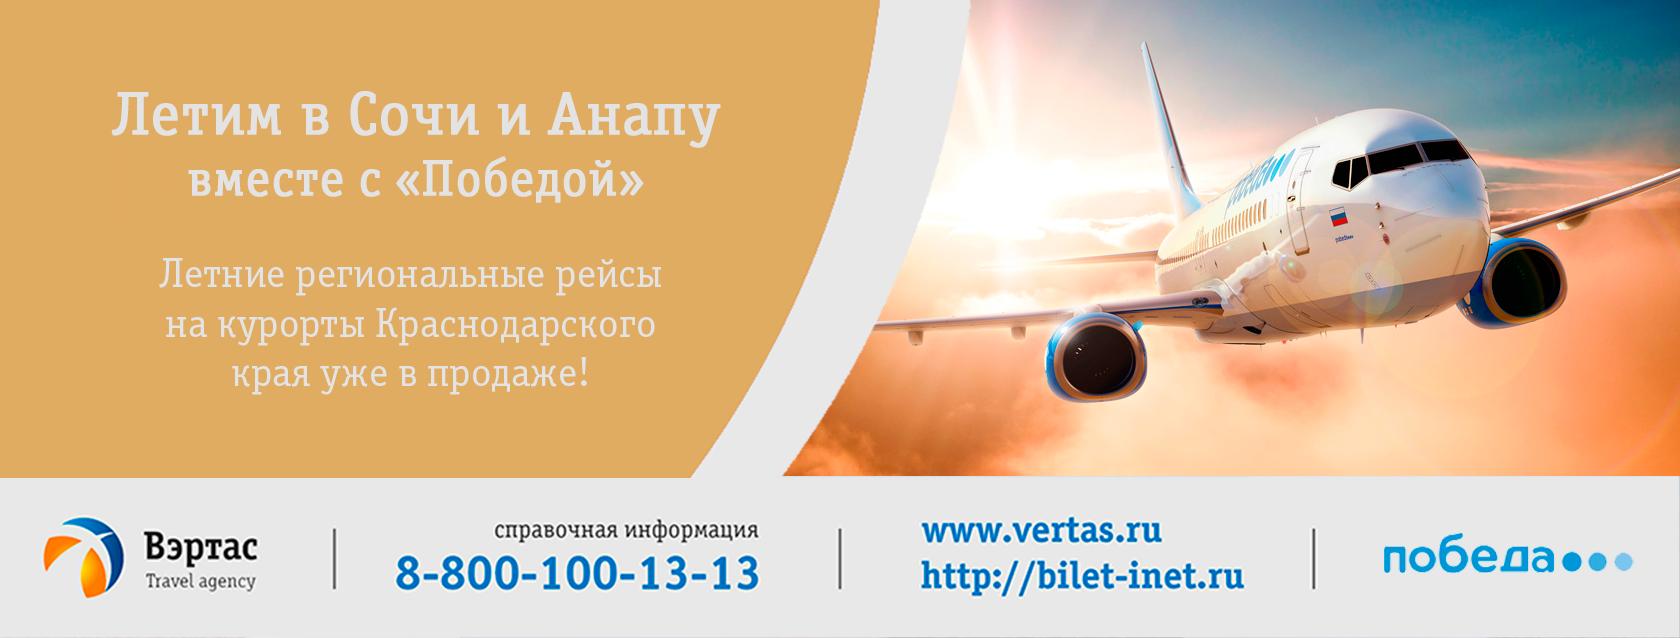 Купить авиабилеты в москву аэрофлот